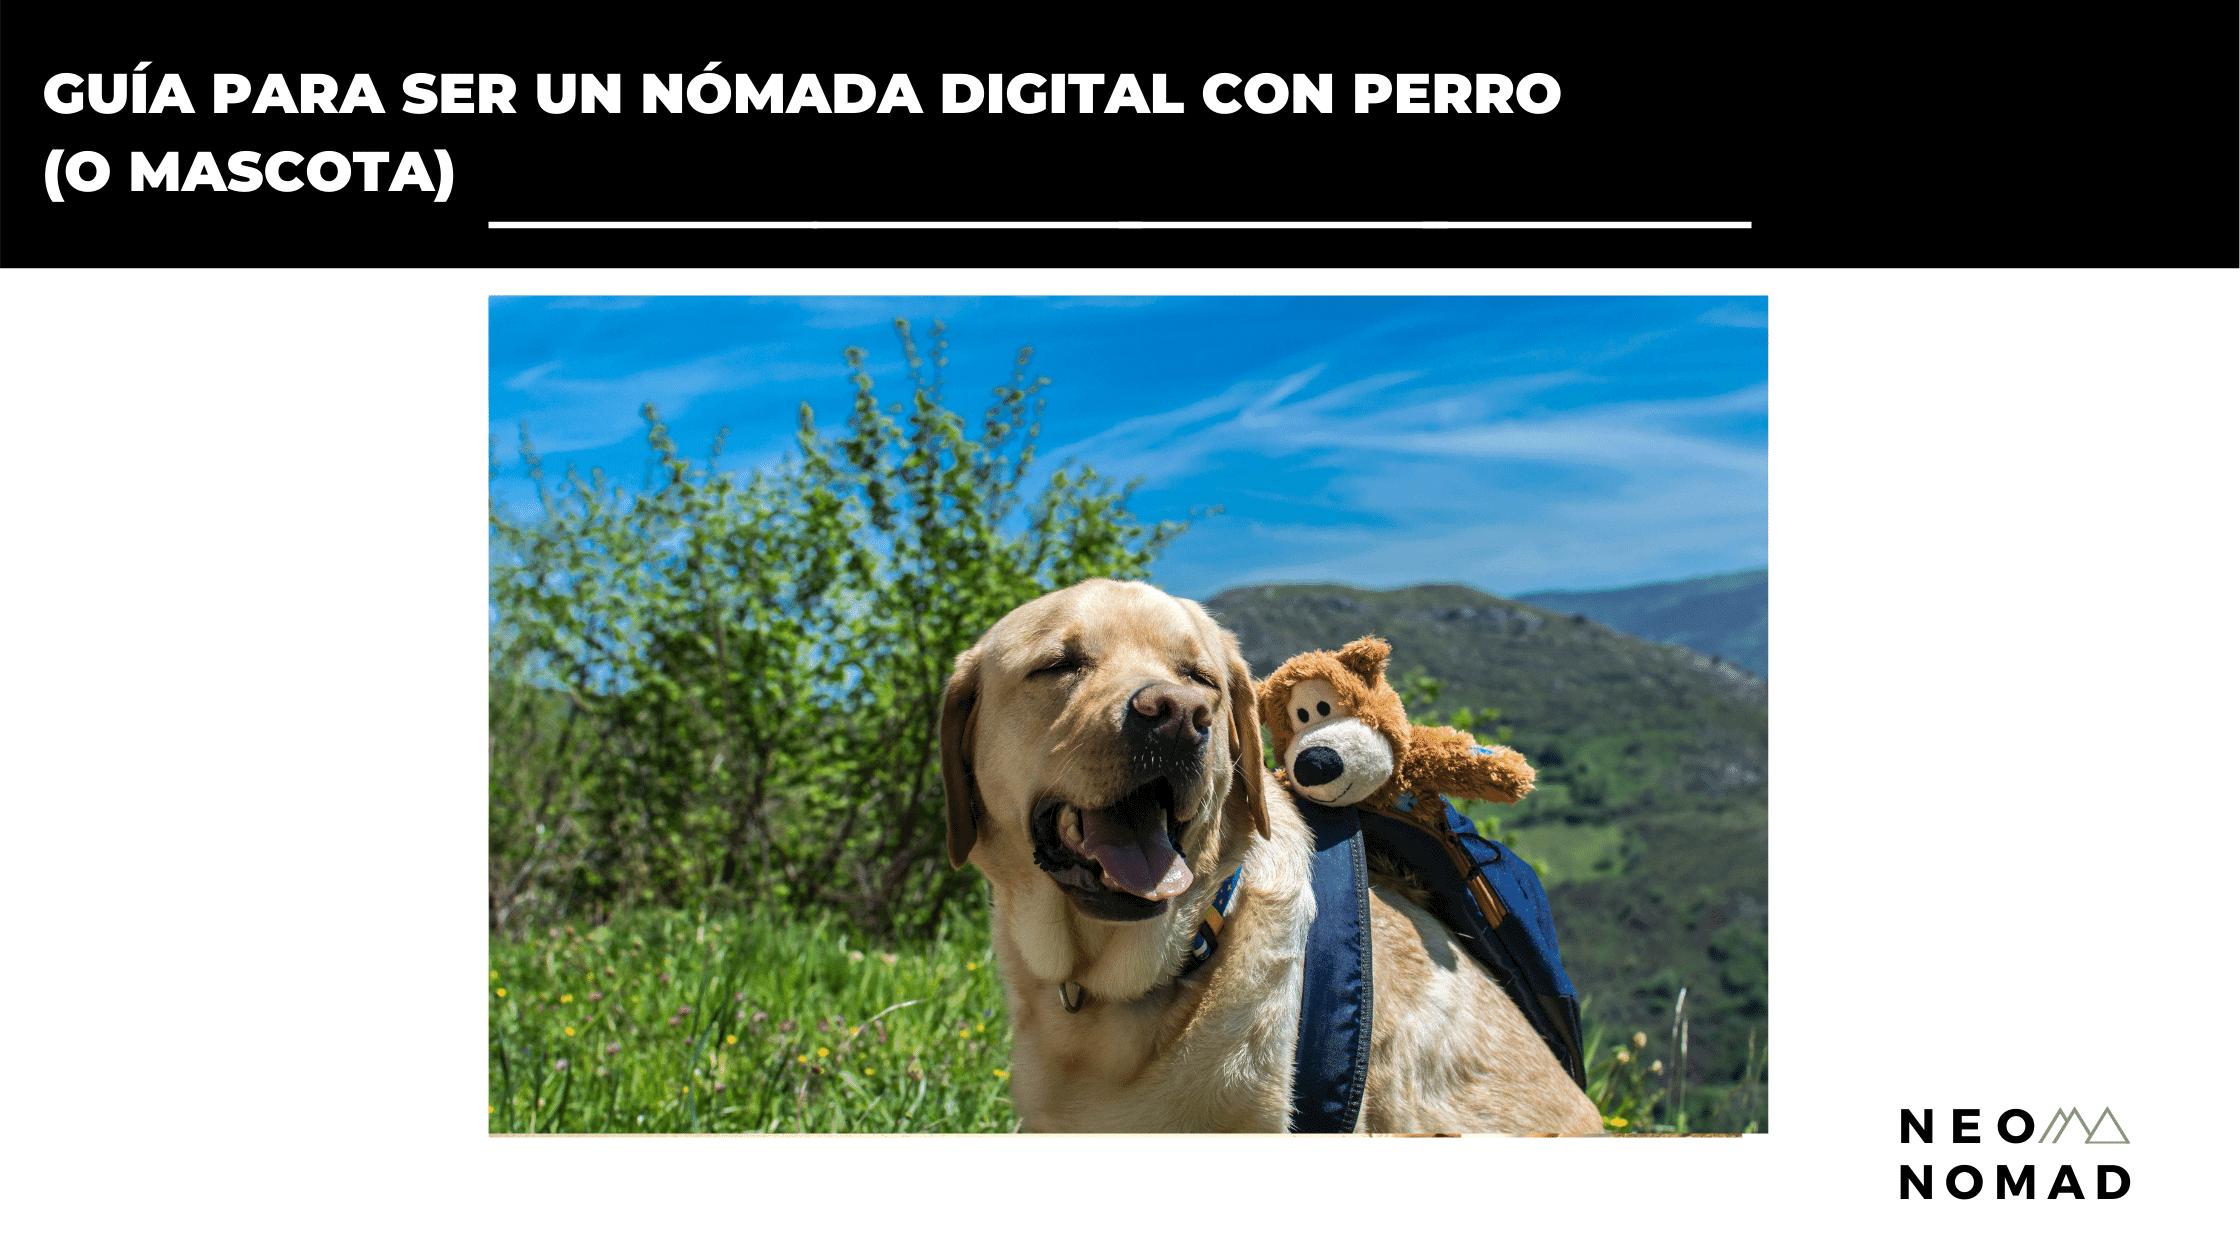 nómada digital con perro